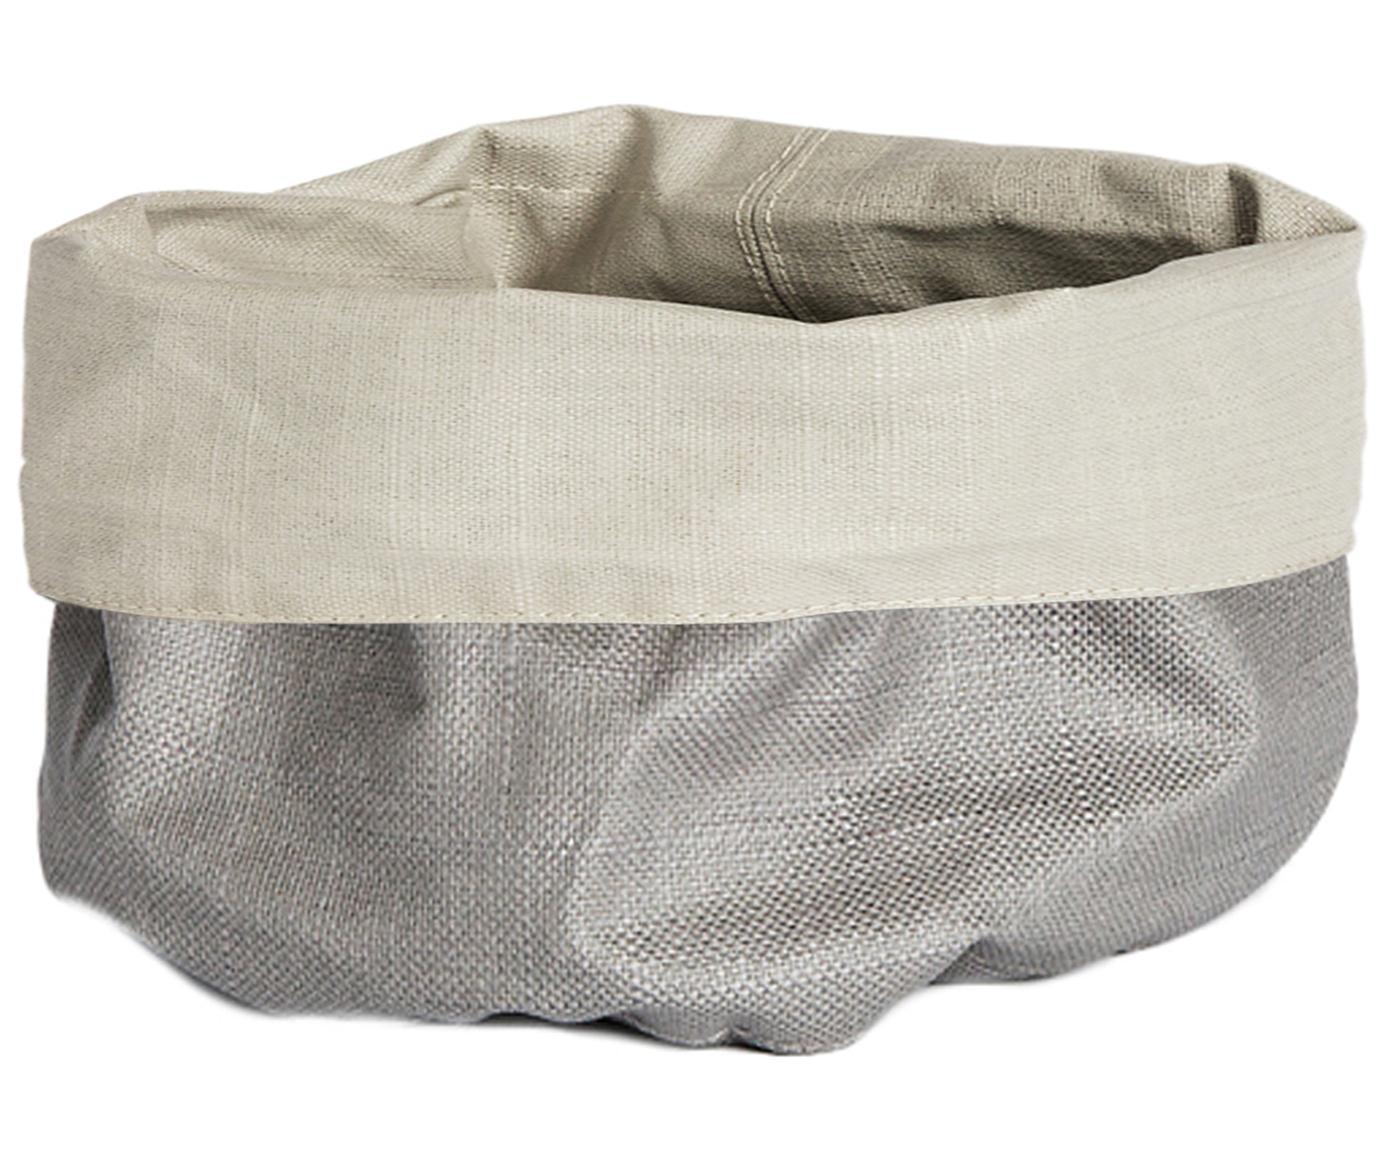 XS Leinen-Brotkorb Patinn in Grau/Beige, 55% Leinen, 45% Baumwolle, polyurethanbeschichtet, Beige, Hellgrau, Ø 16 x H 20 cm